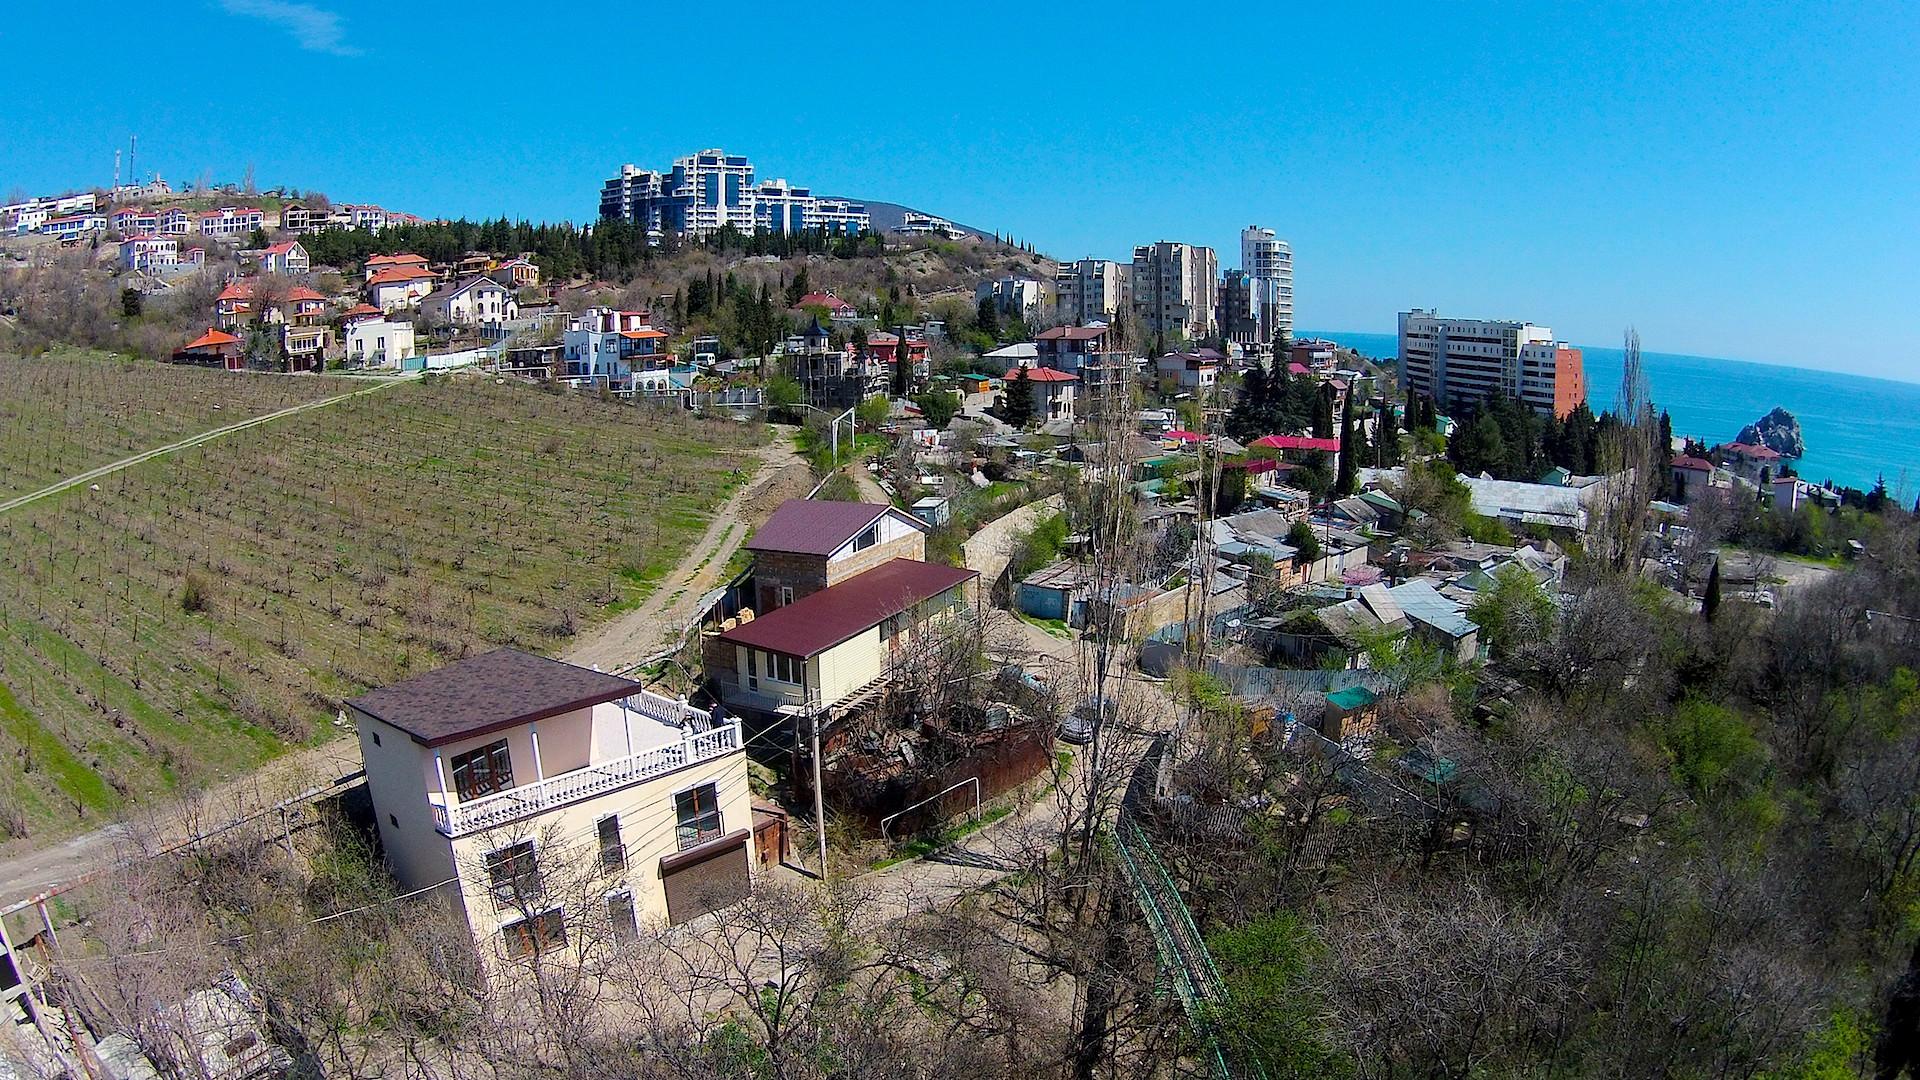 Продажа дома в Гурзуфе с видовой террасой 2